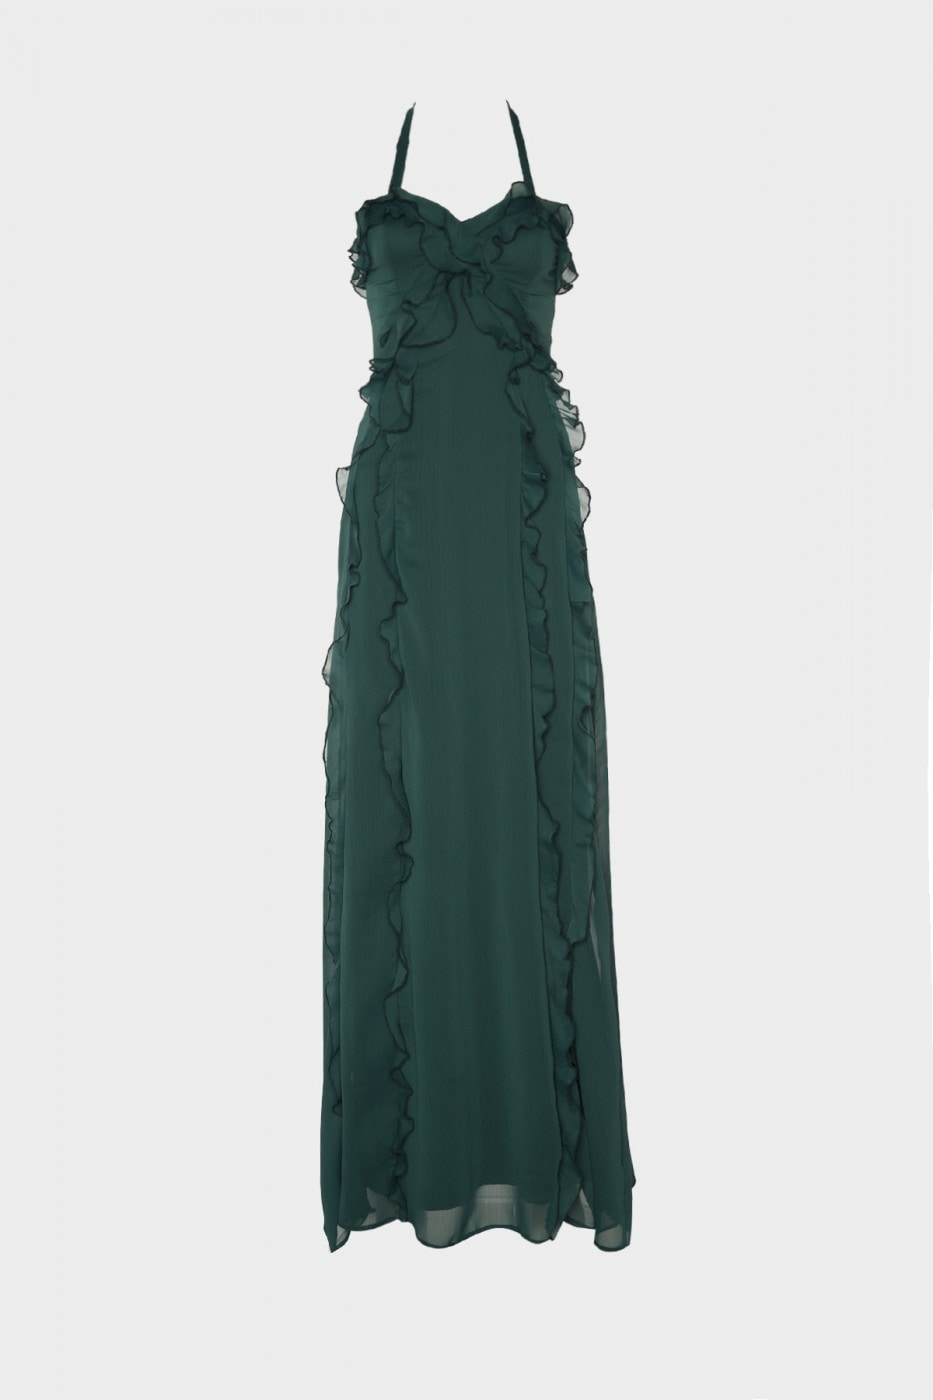 Trendyol Green Frill Detailed Evening Dress & Graduation Dress